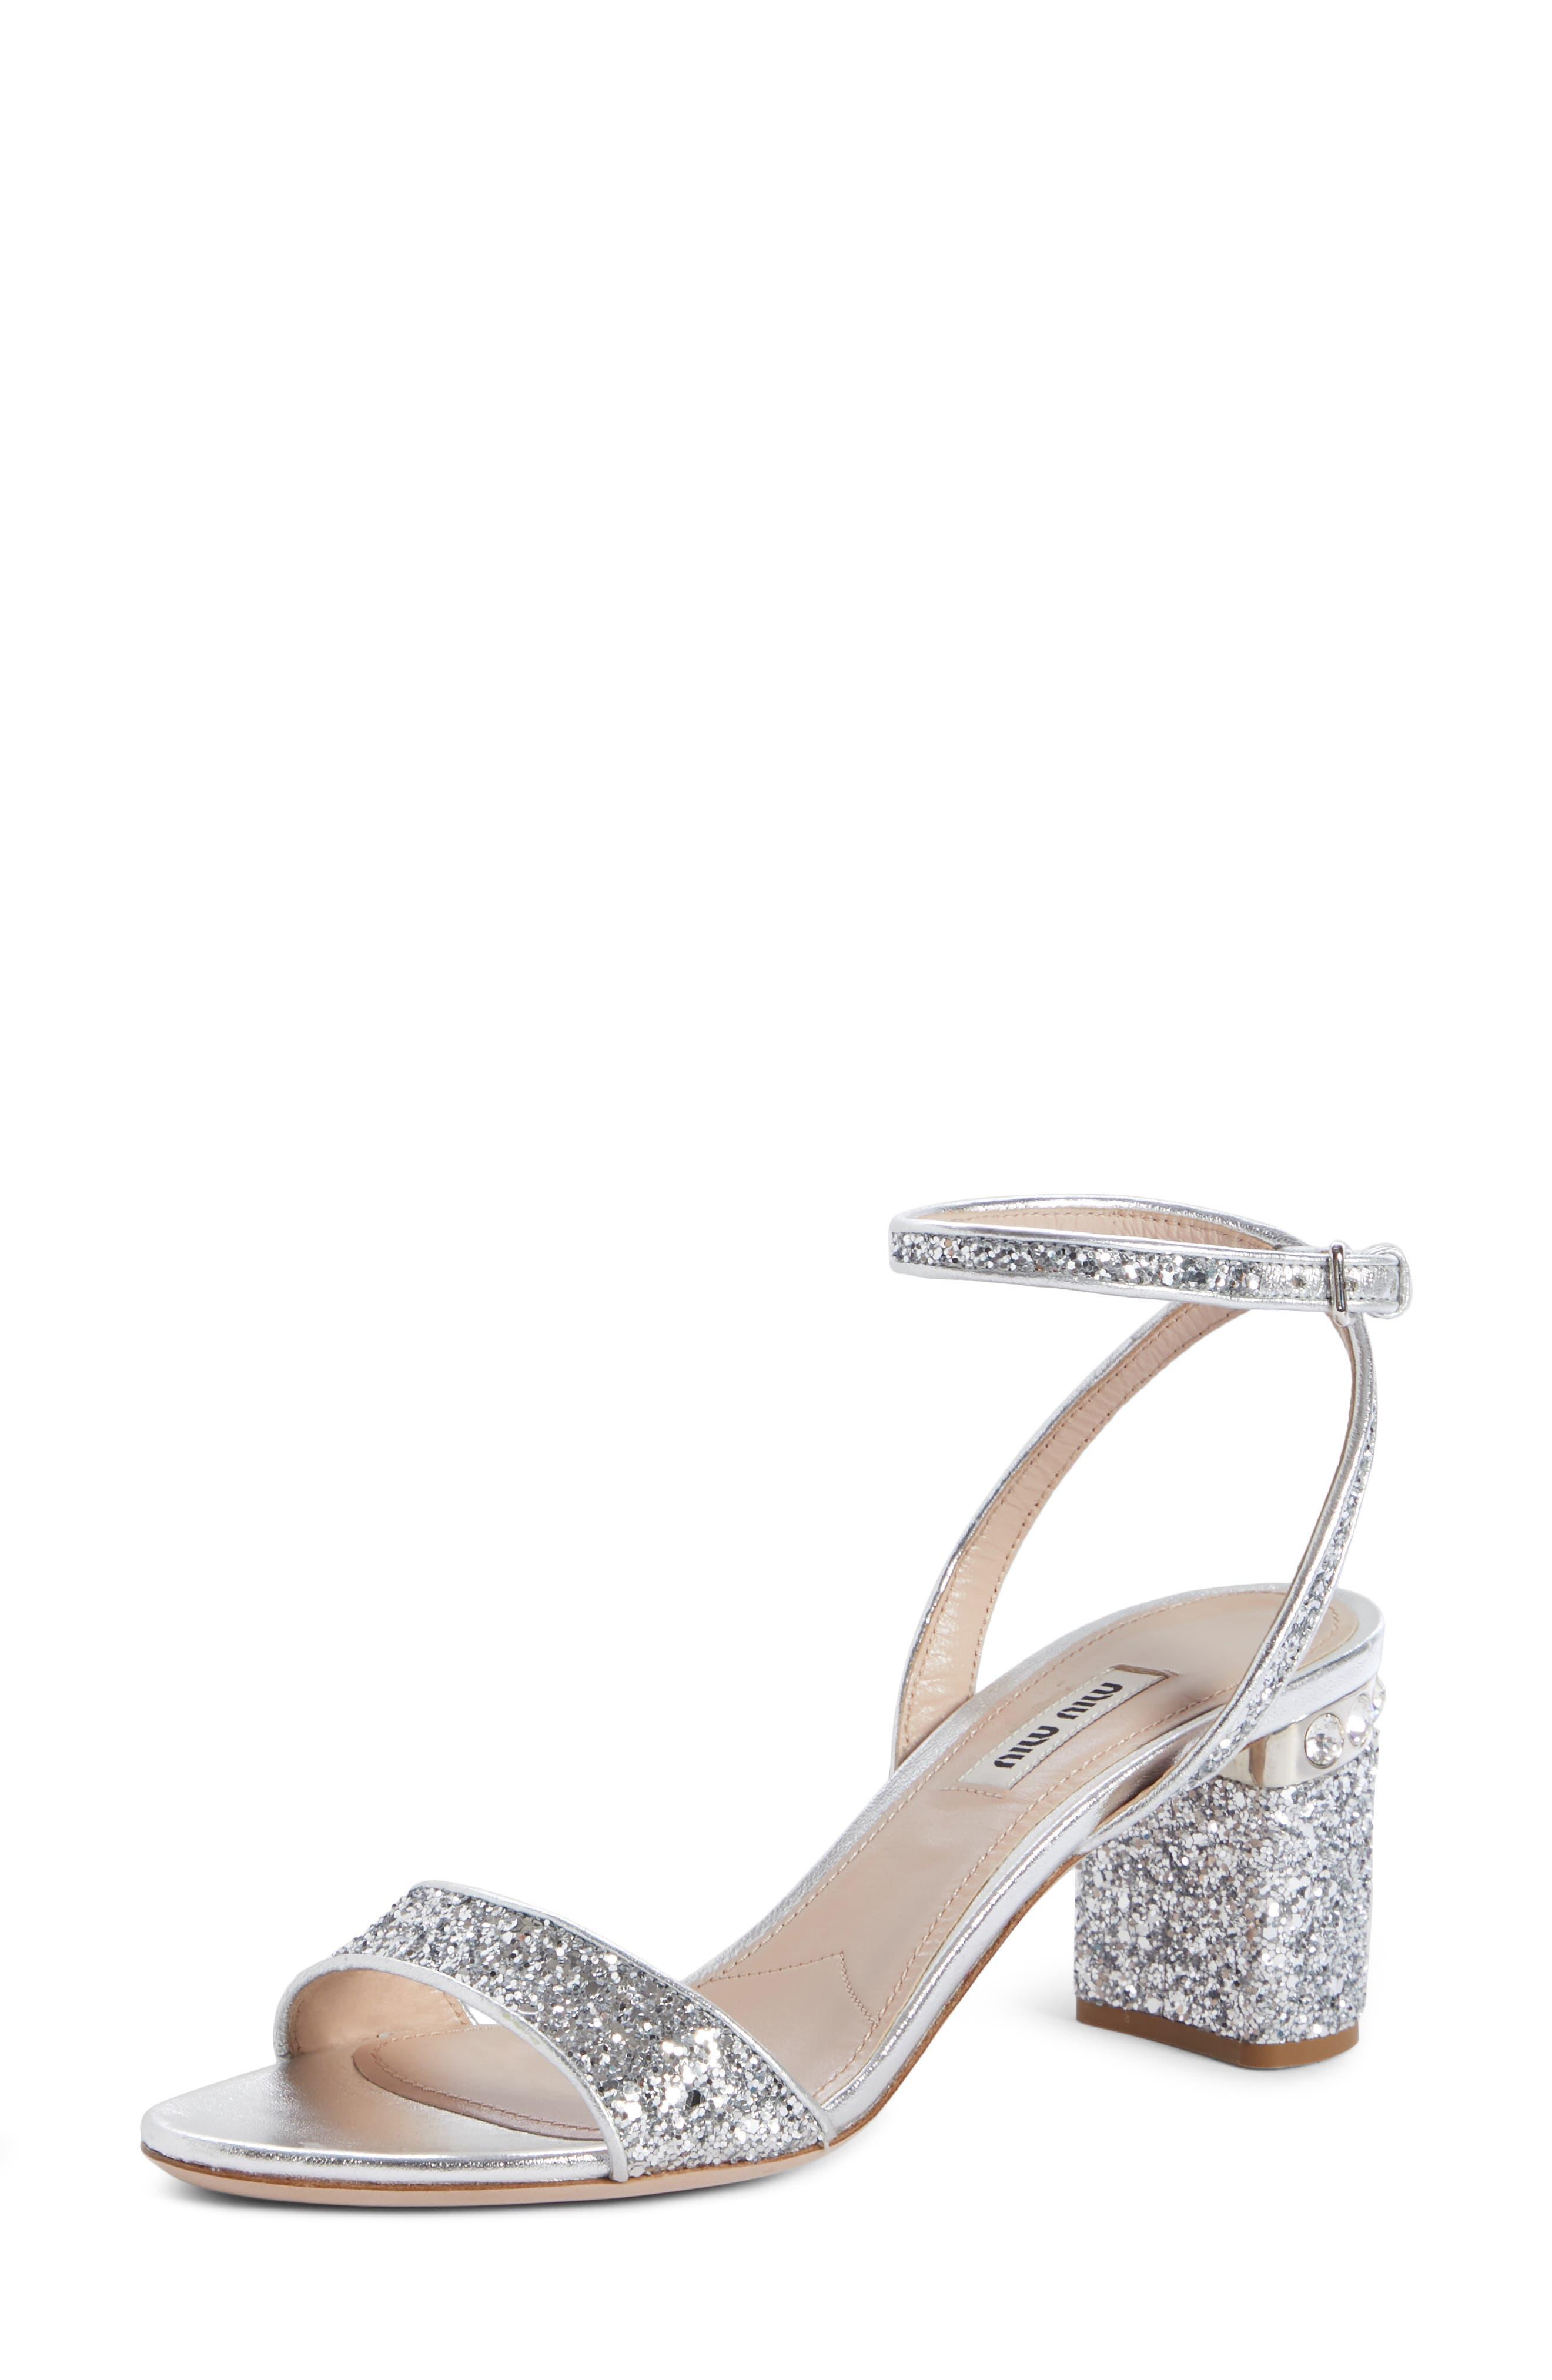 Glitter Crystal-Embellished Block-Heel Sandals in Silver